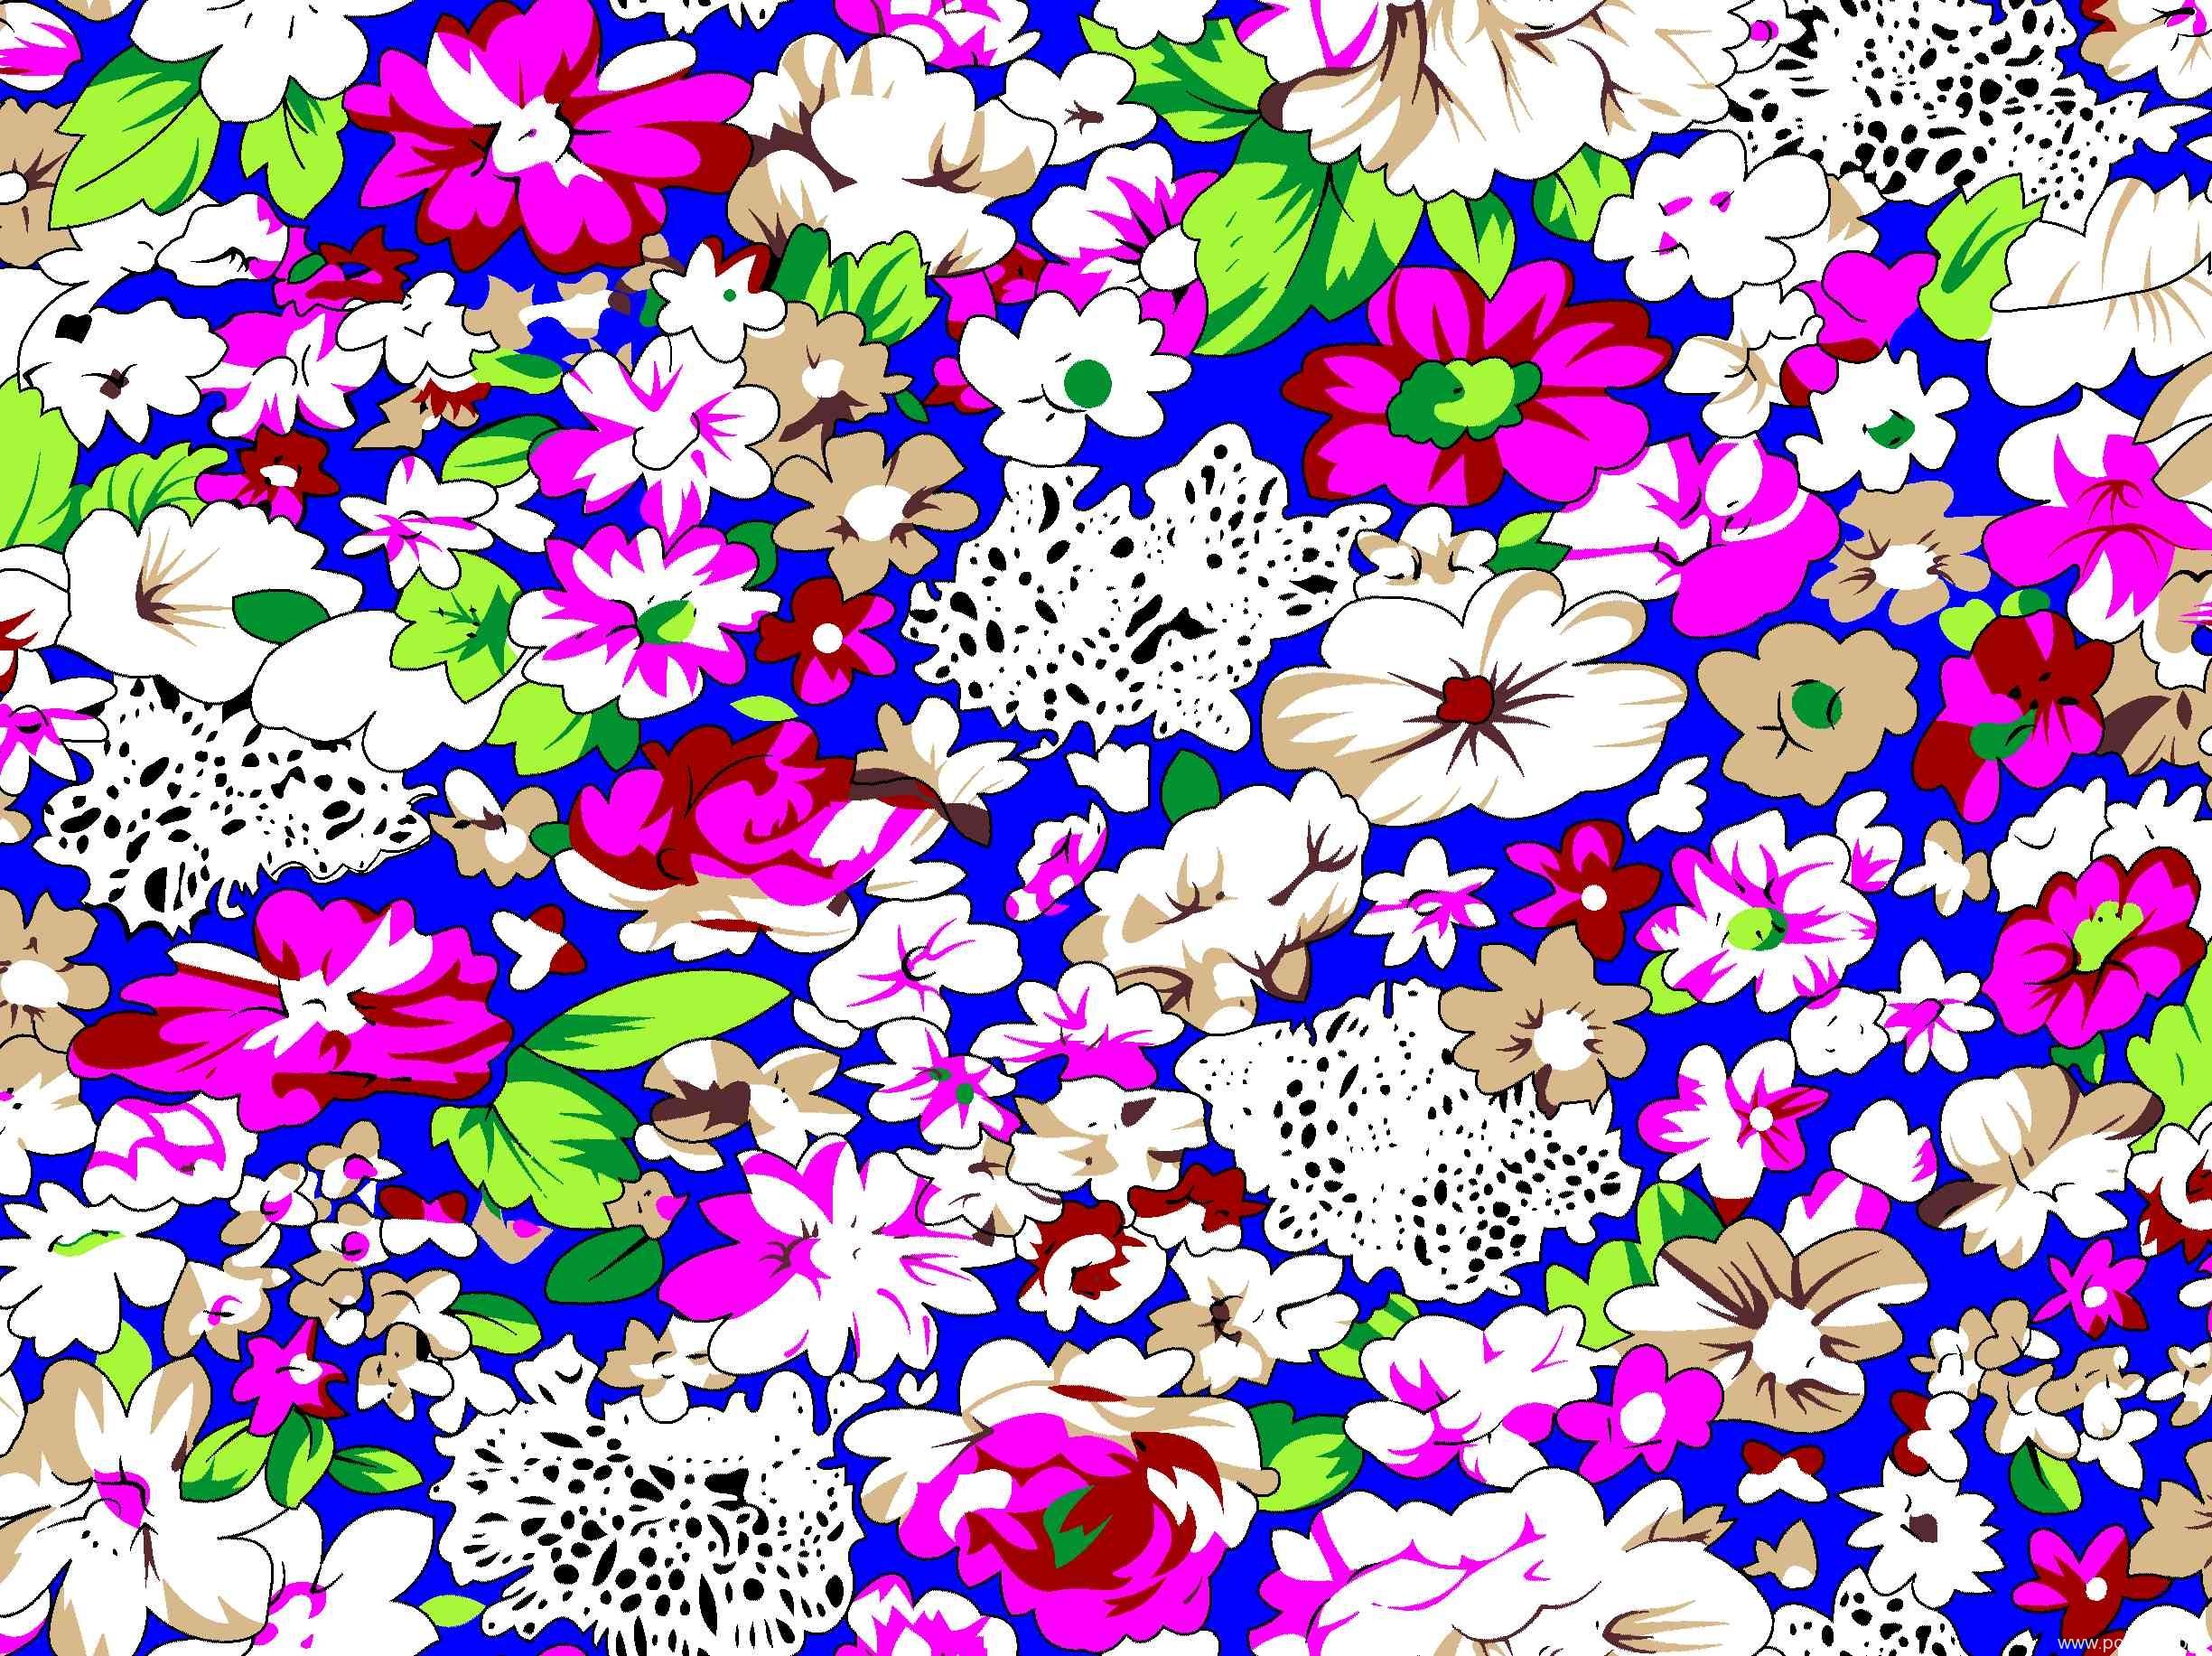 新款多彩几何植物花卉纺织面料水印数码印花矢量图金昌格式源文件a2723-2-POP花型网